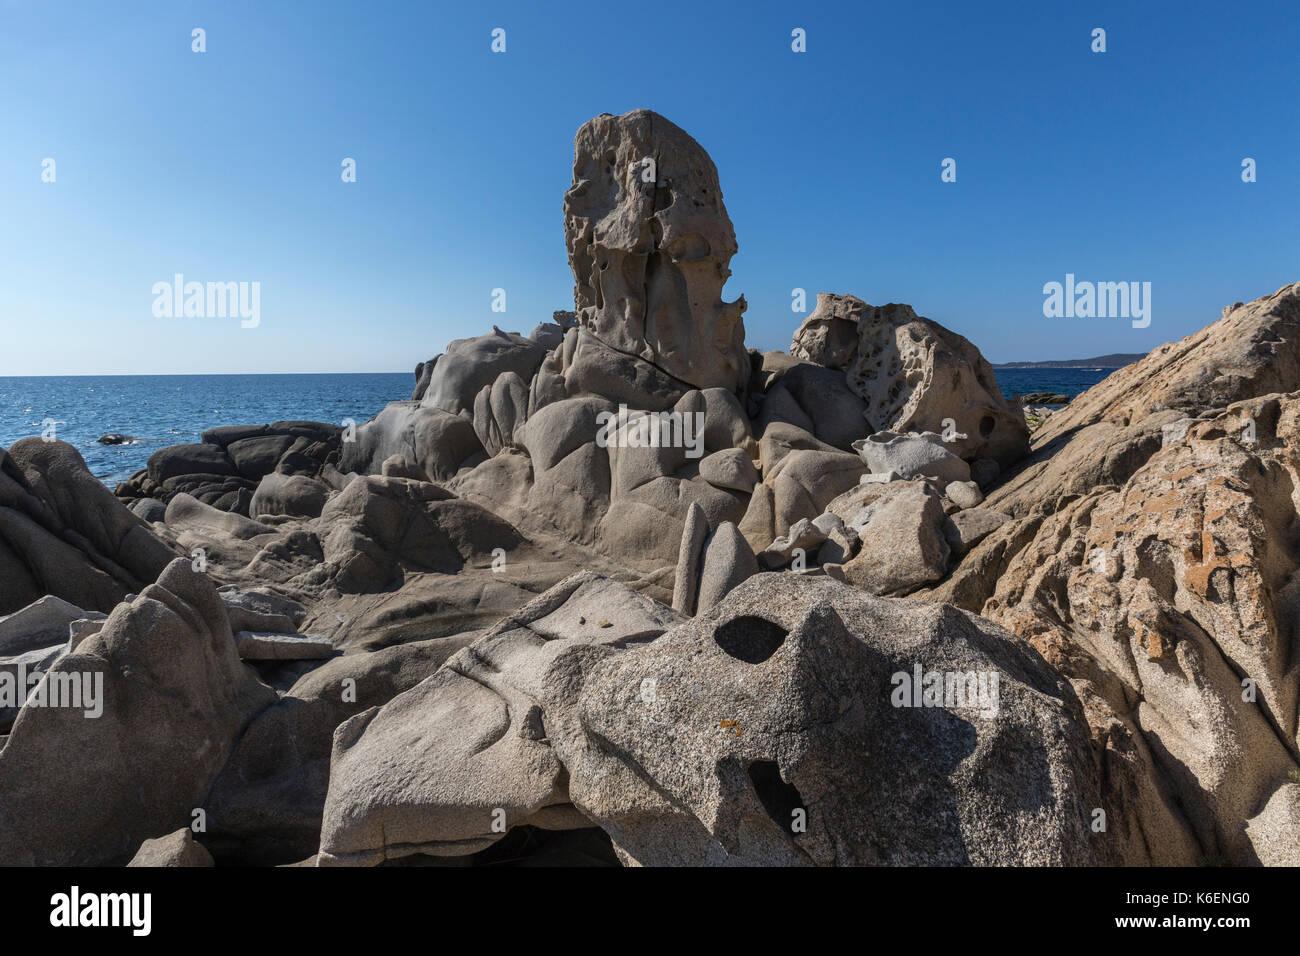 El sol brilla sobre las rocas erosionadas por el viento enmarcando el azul del mar Punta Molentis Villasimius Cerdeña Cagliari Italia Europa Imagen De Stock